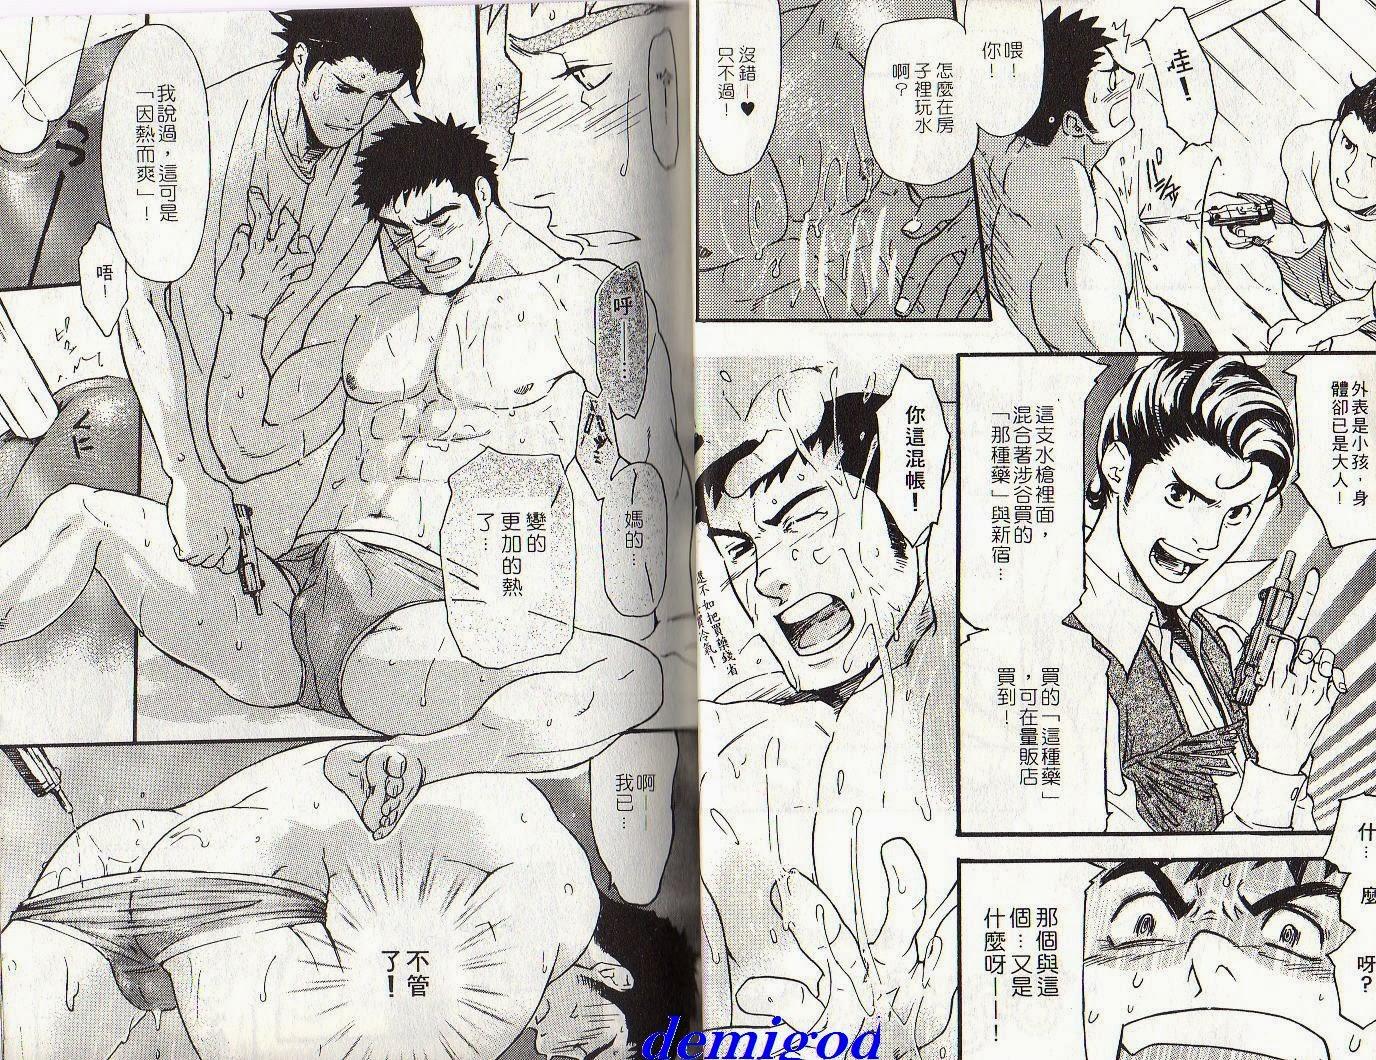 Matsumoto Inaki, yaoi, Manga, Muscle, bara, Nakayoshi Wanko,